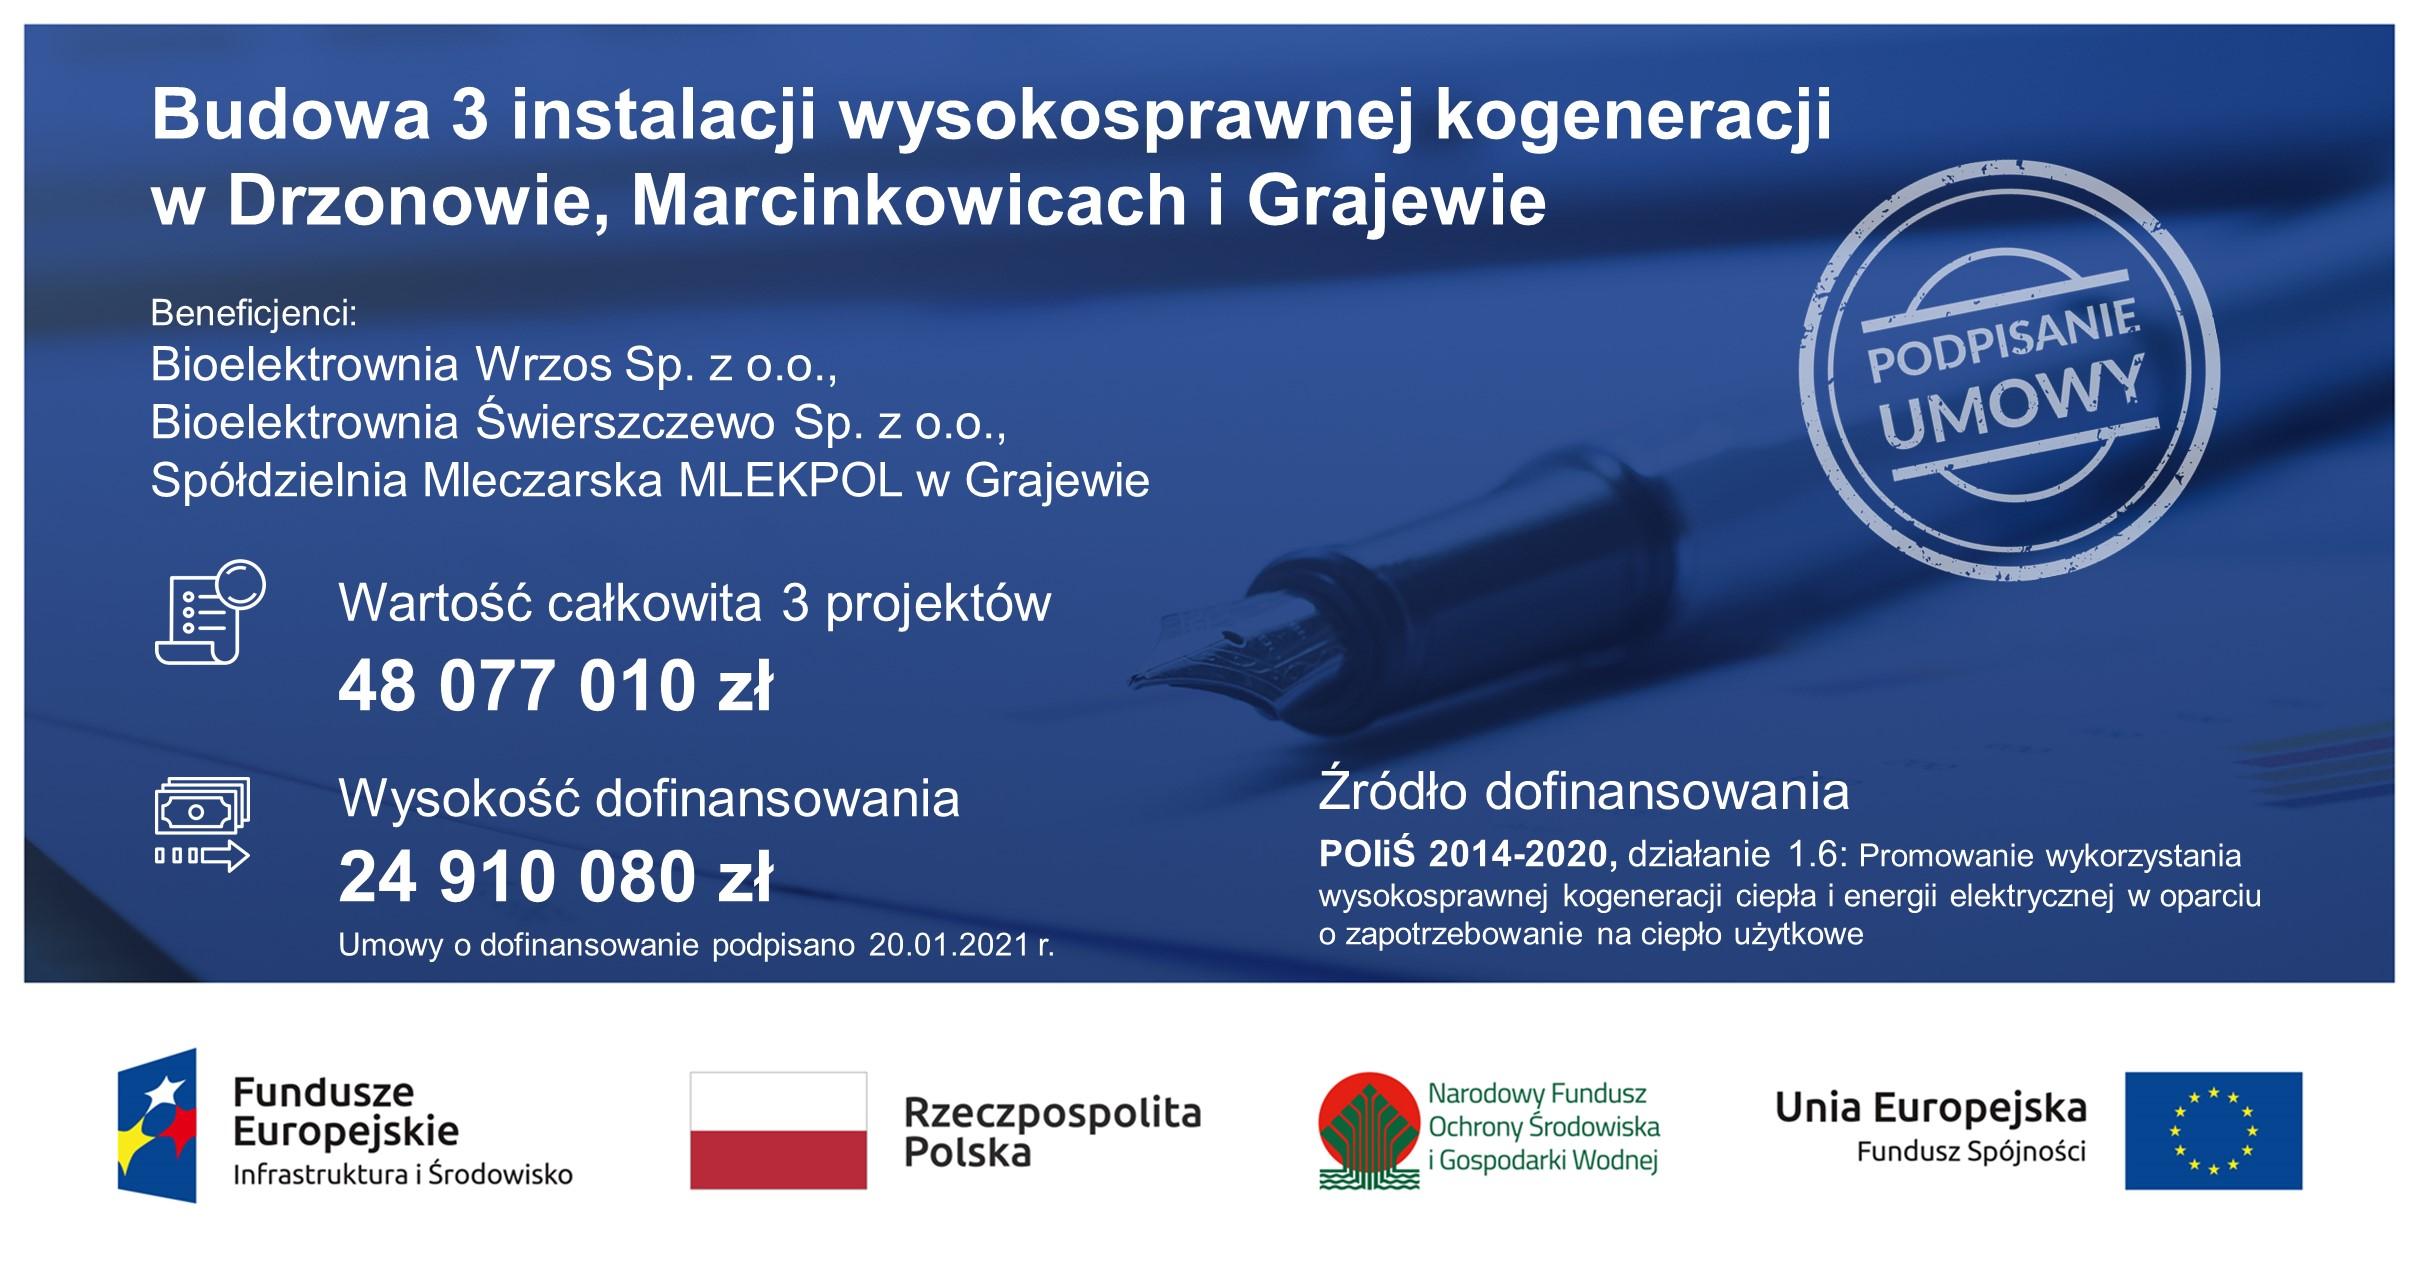 3 projekty z zakr  dz  1 6 instalacje kogeneracyjne %C5%9Brodki unijne POIi%C5%9A 2014 2020